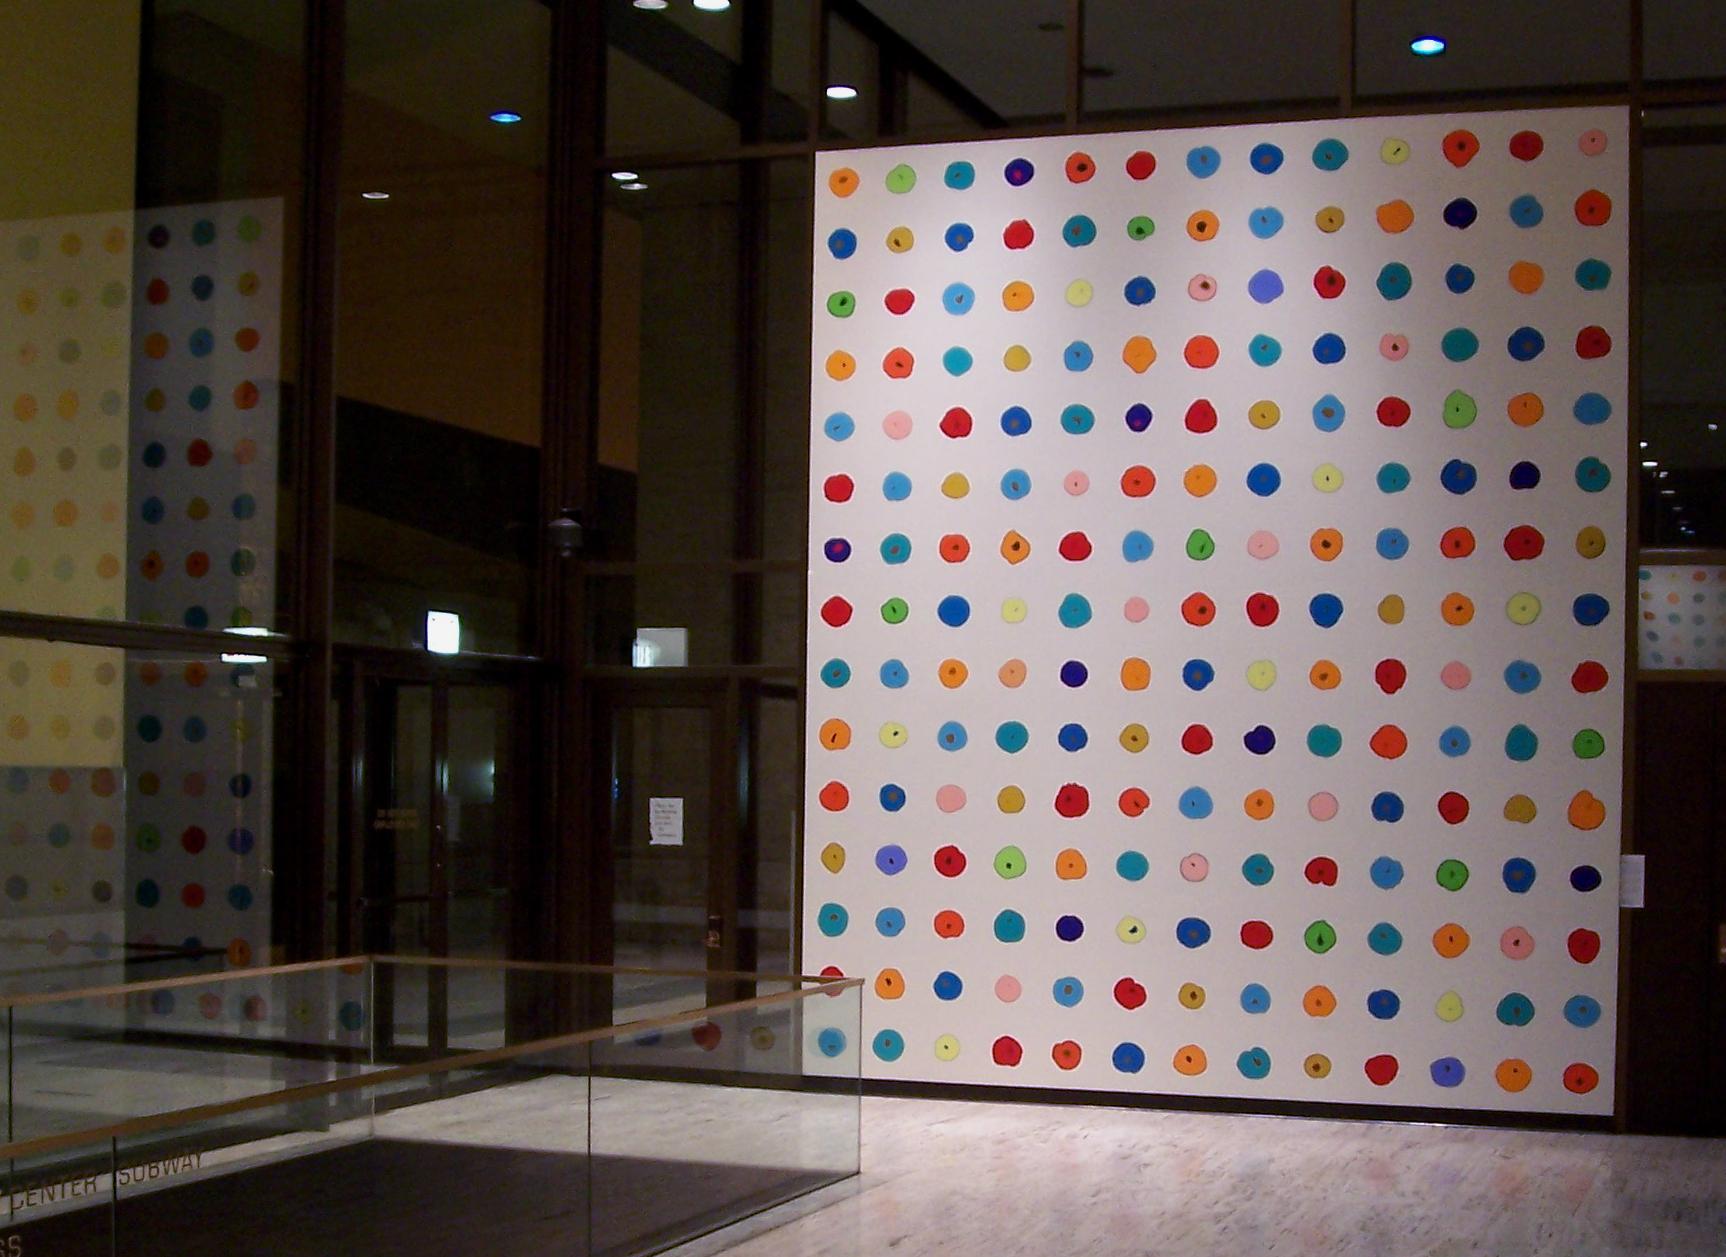 2006_08 Bilateral Symmetry West.jpg